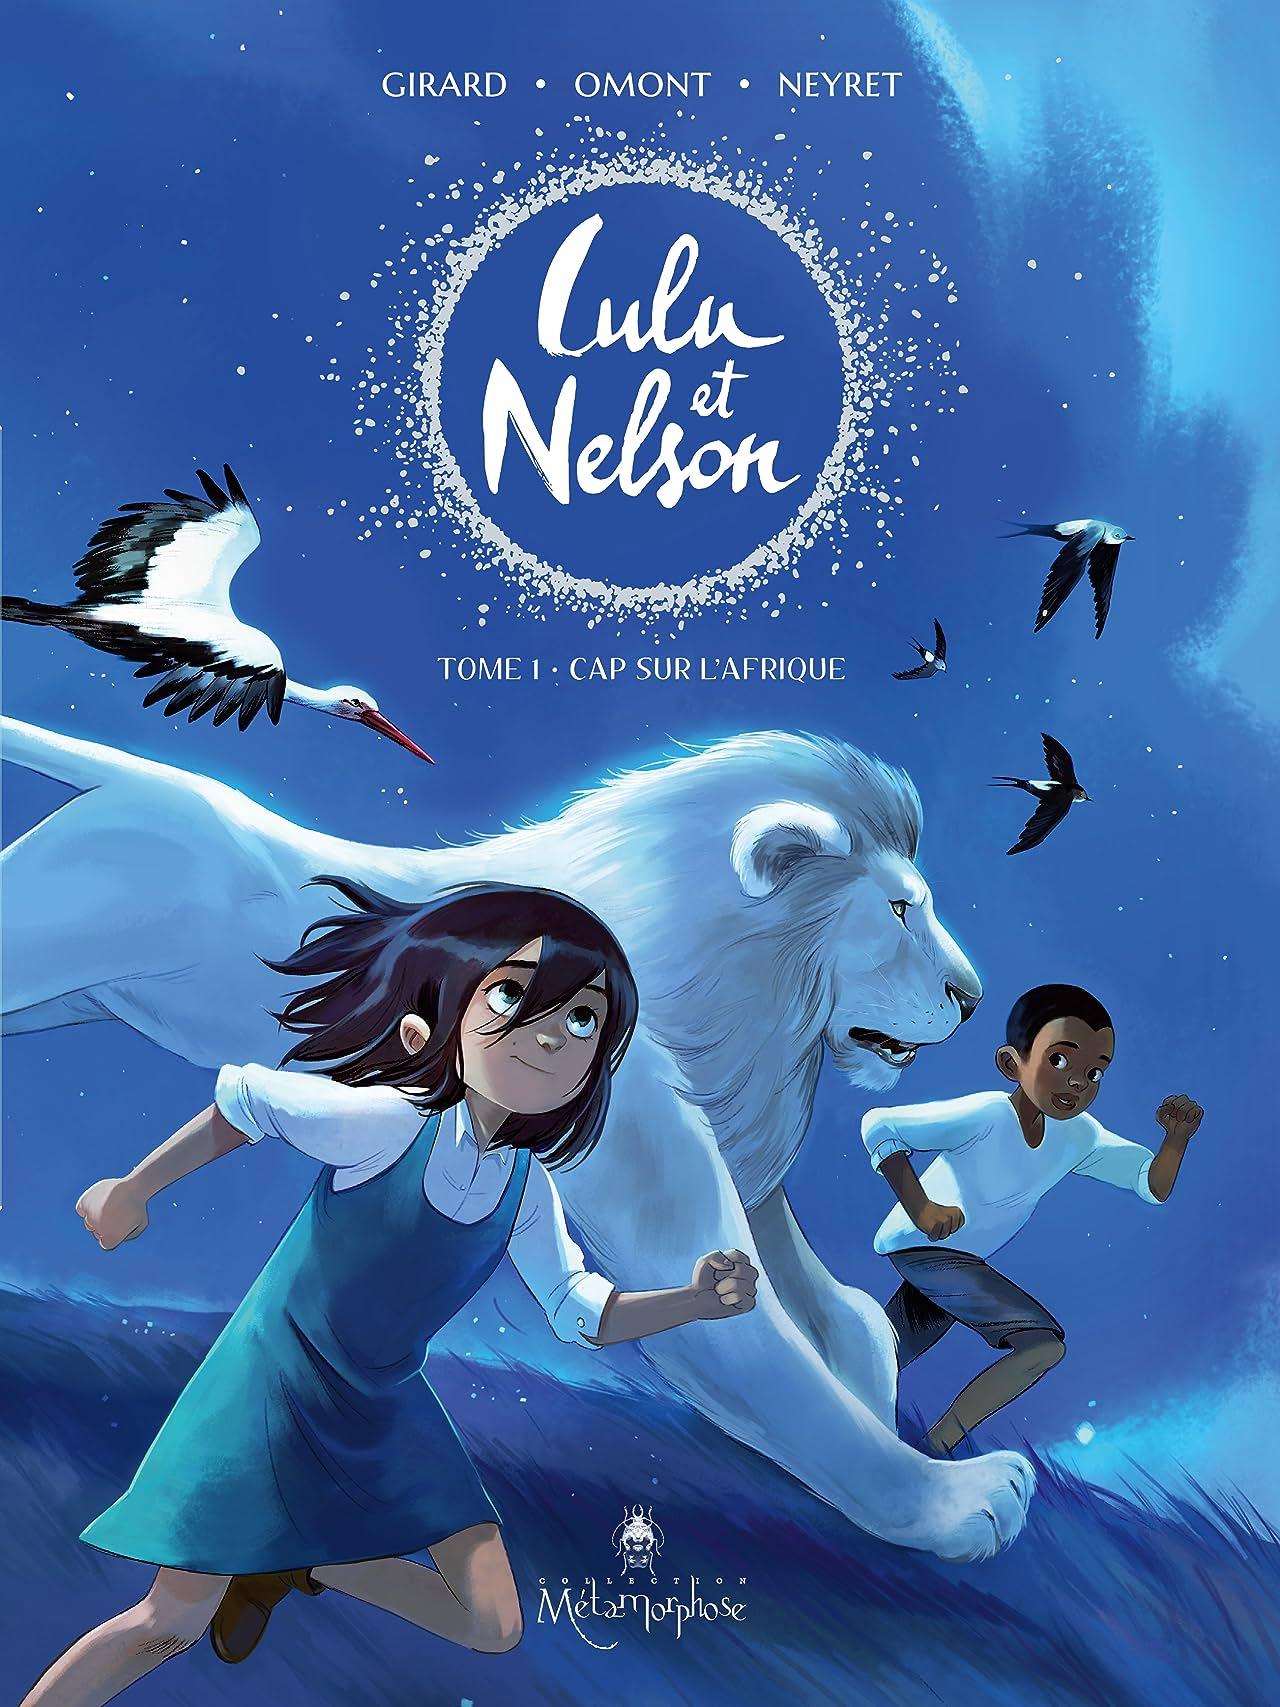 Lulu et Nelson Vol. 1: Cap sur l'Afrique